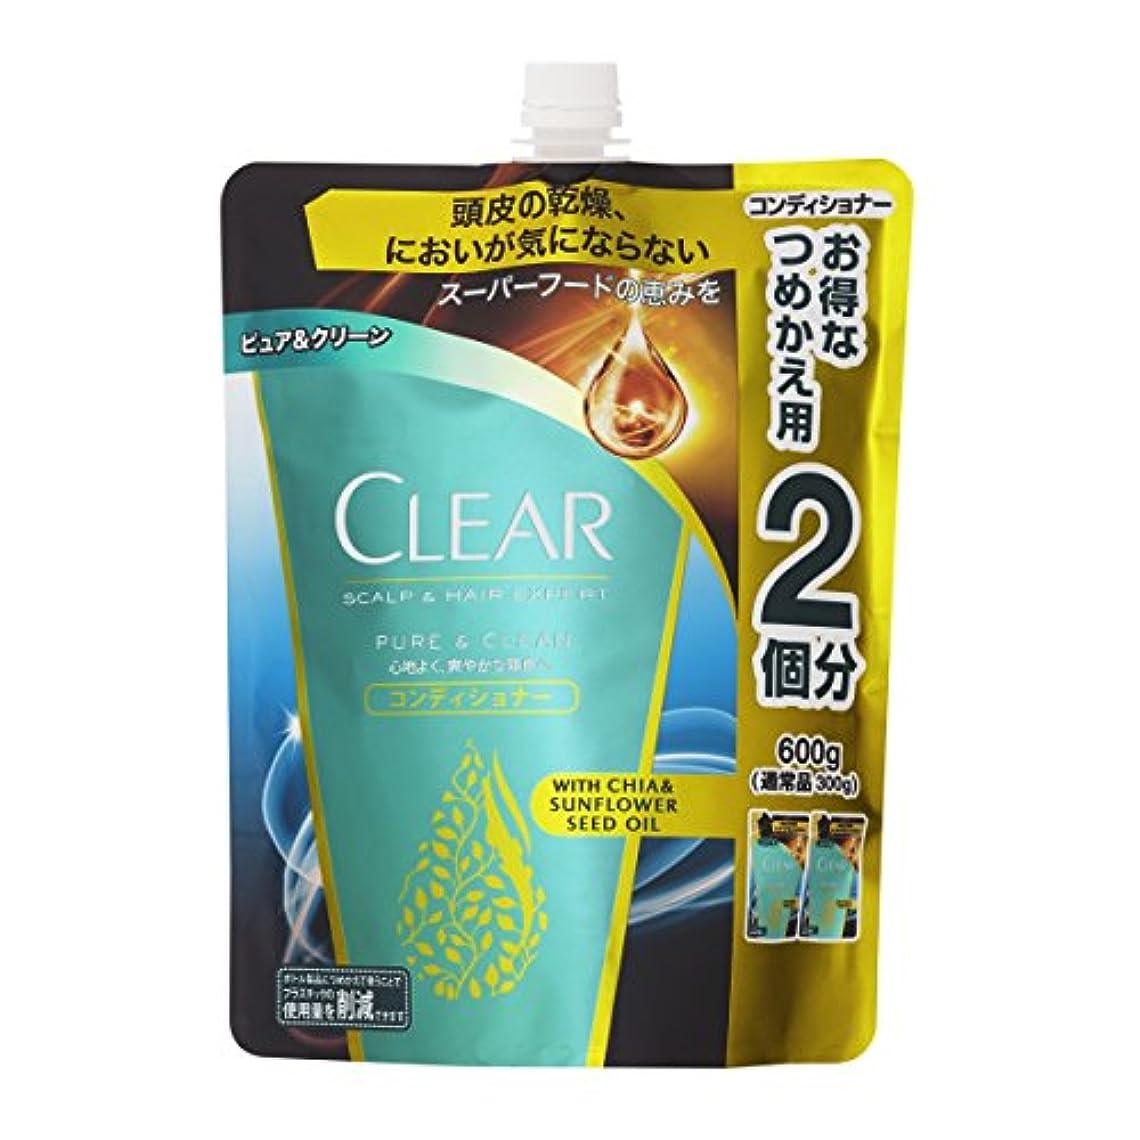 中間拡大する好きクリア ピュア&クリーン コンディショナー つめかえ用 (心地よく、爽やかな頭皮へ) 600g